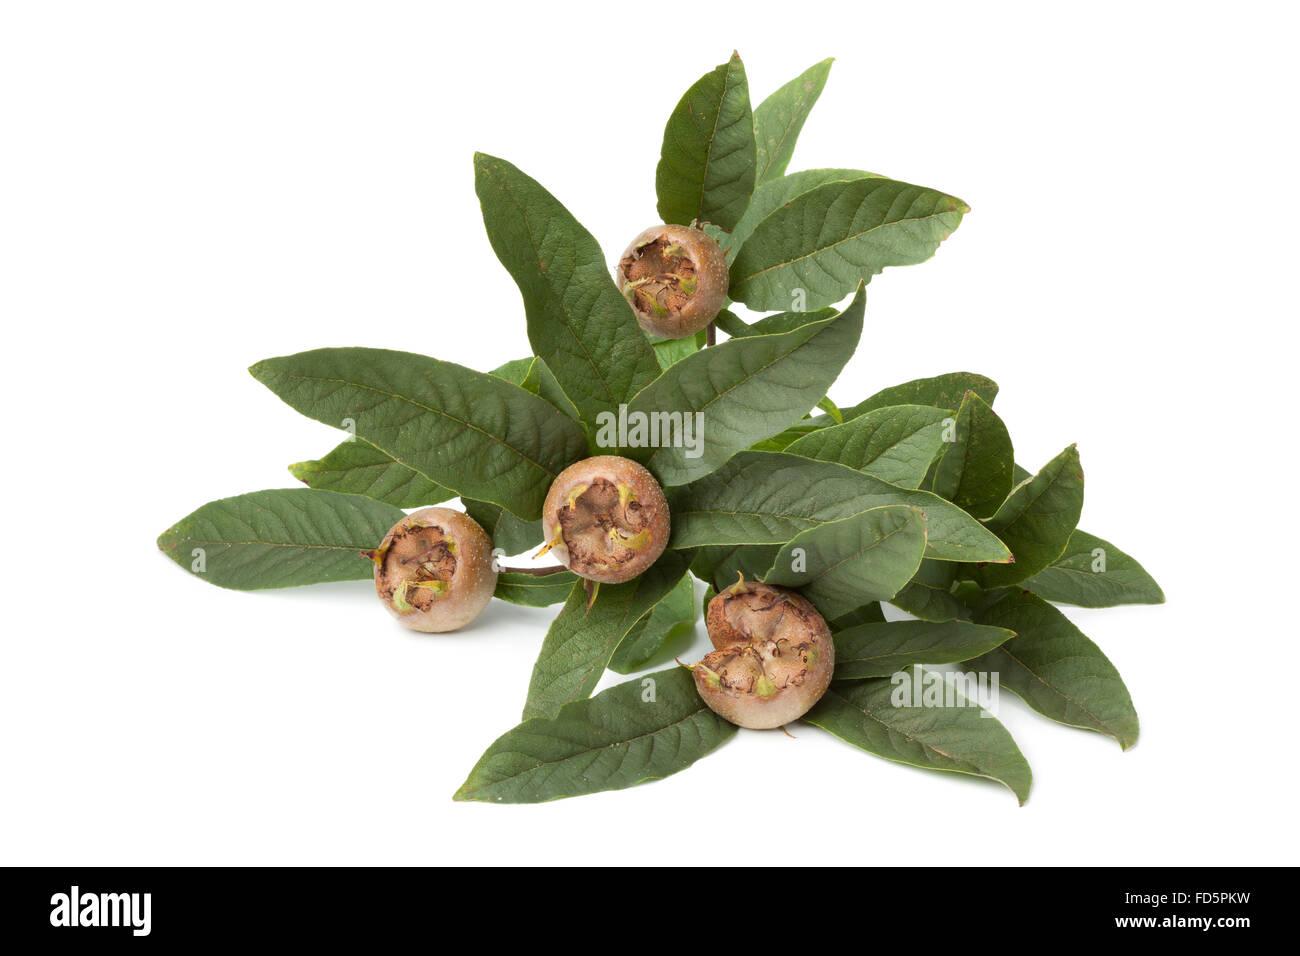 Twig with medlars on white background - Stock Image